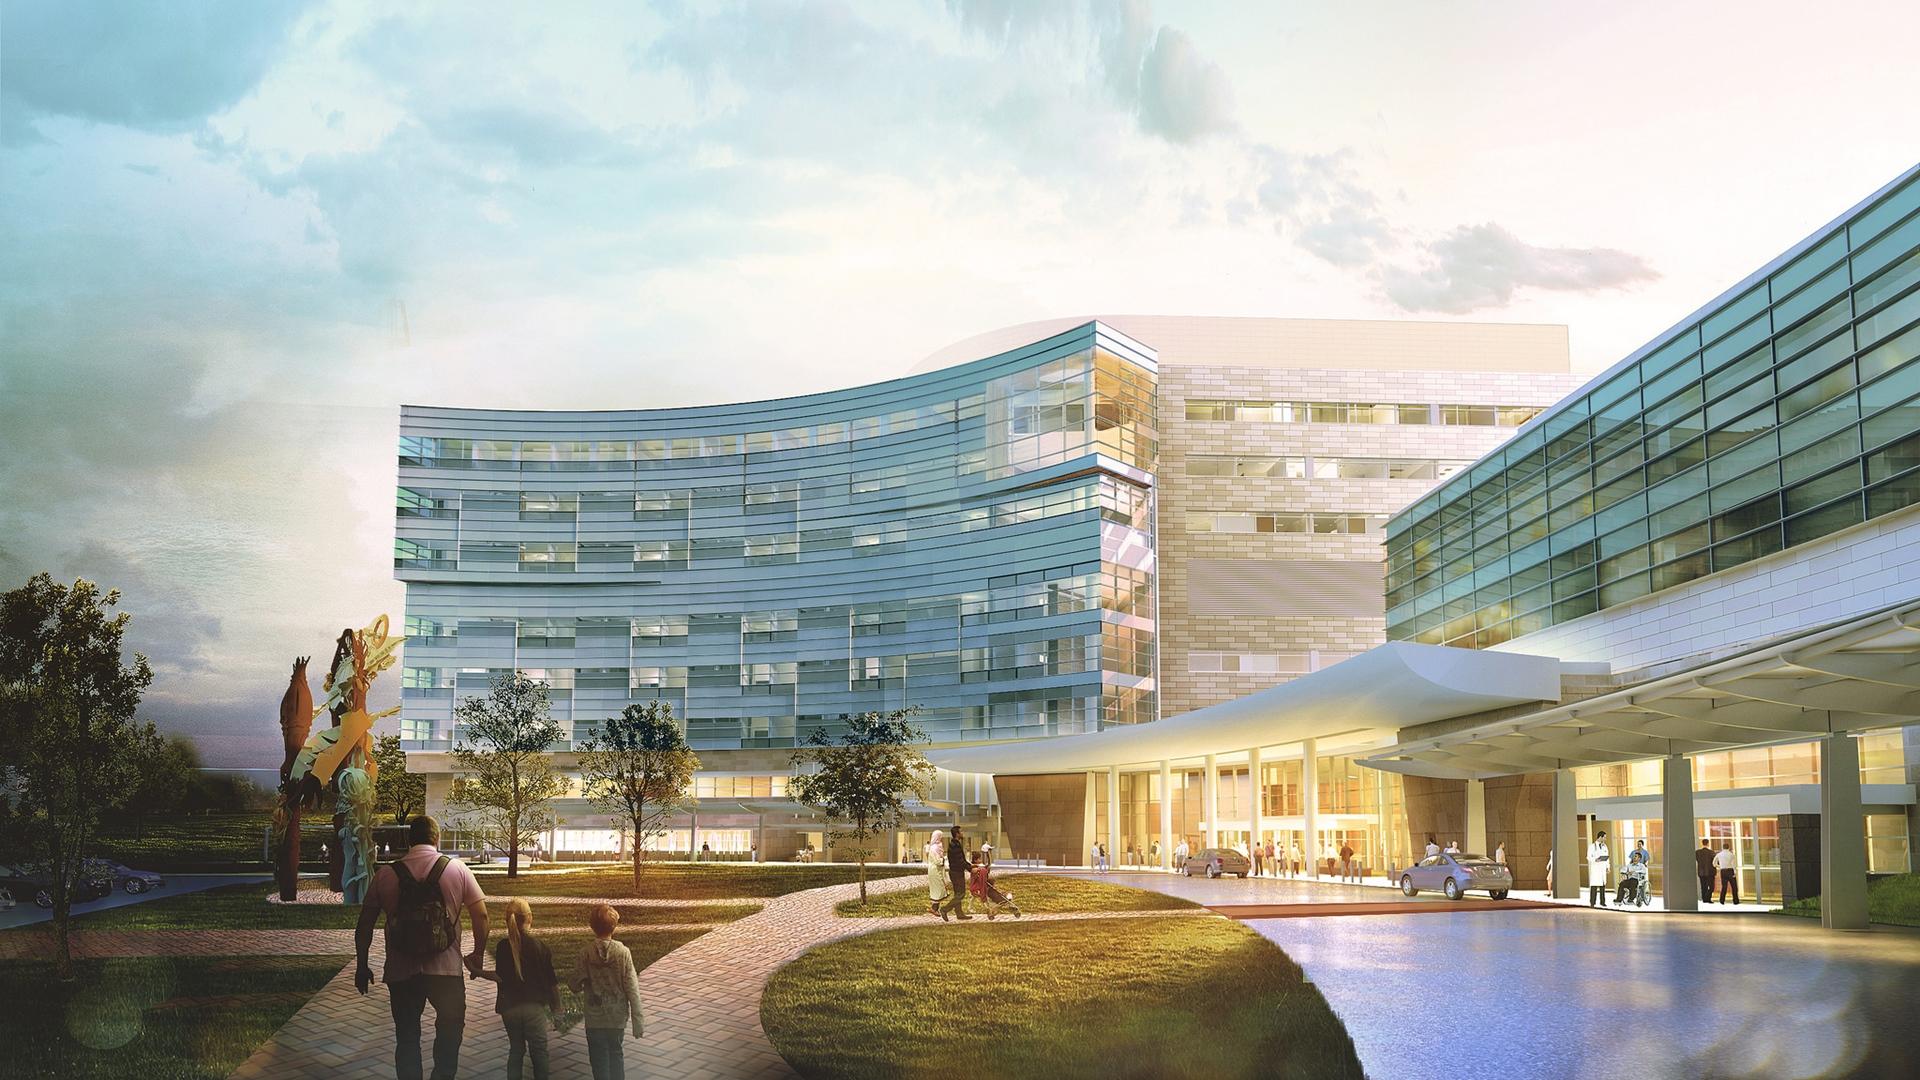 penn state children's hospital_709128